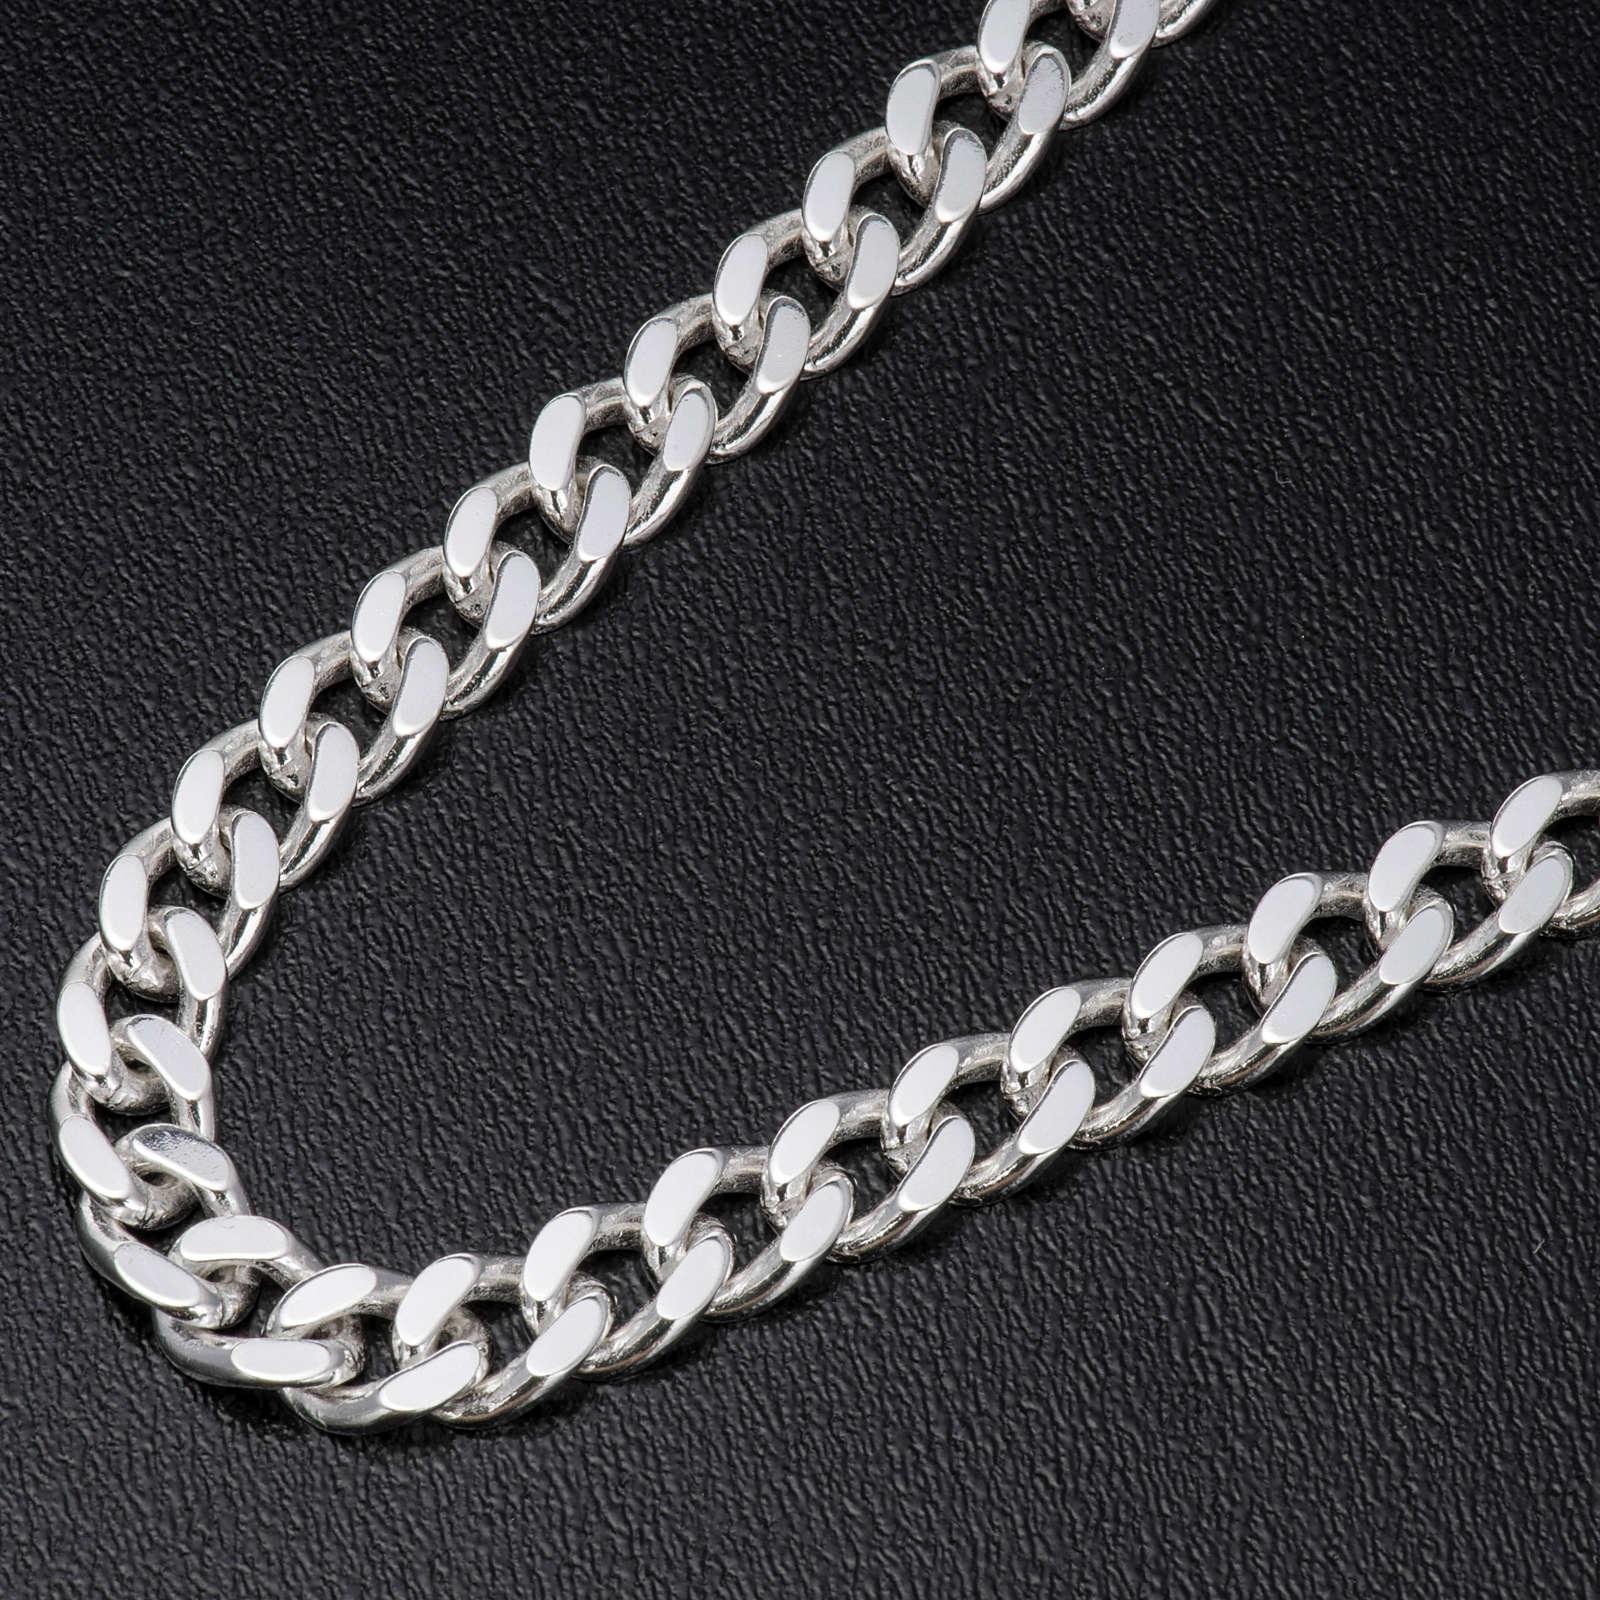 Łańcuch pektorału srebro 925 krawędzie klepane 2 3